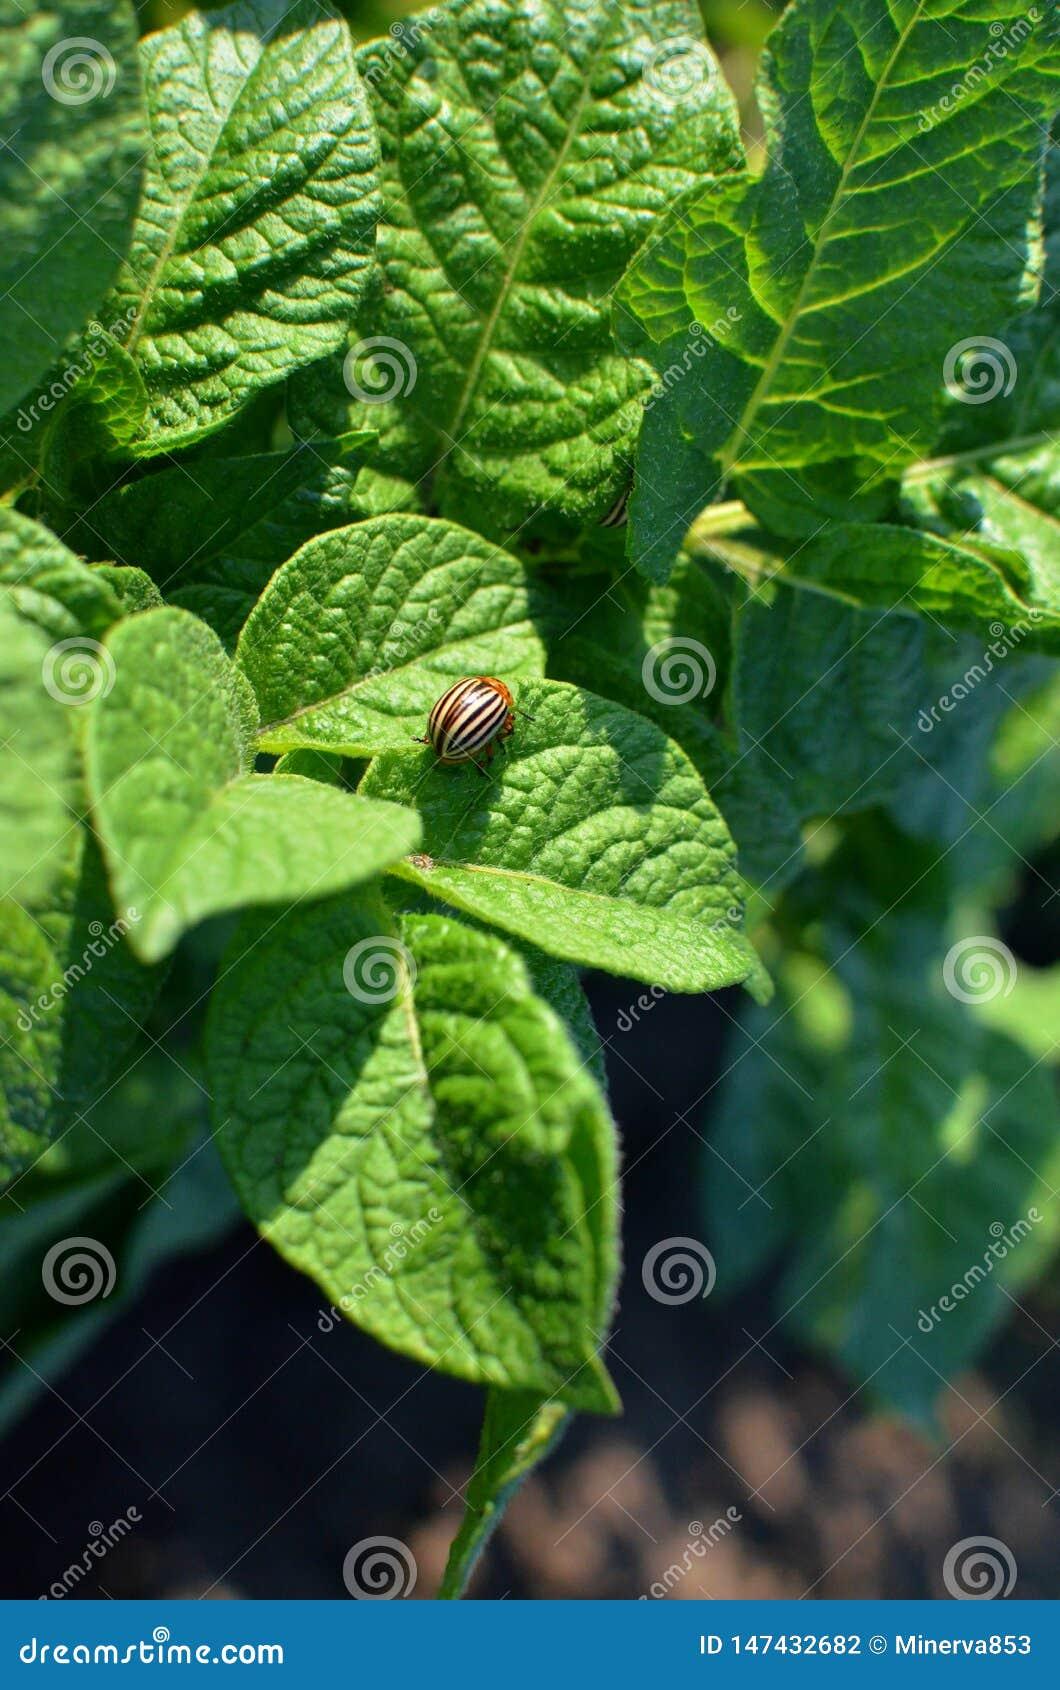 Colorado potato beetle eats green leaves